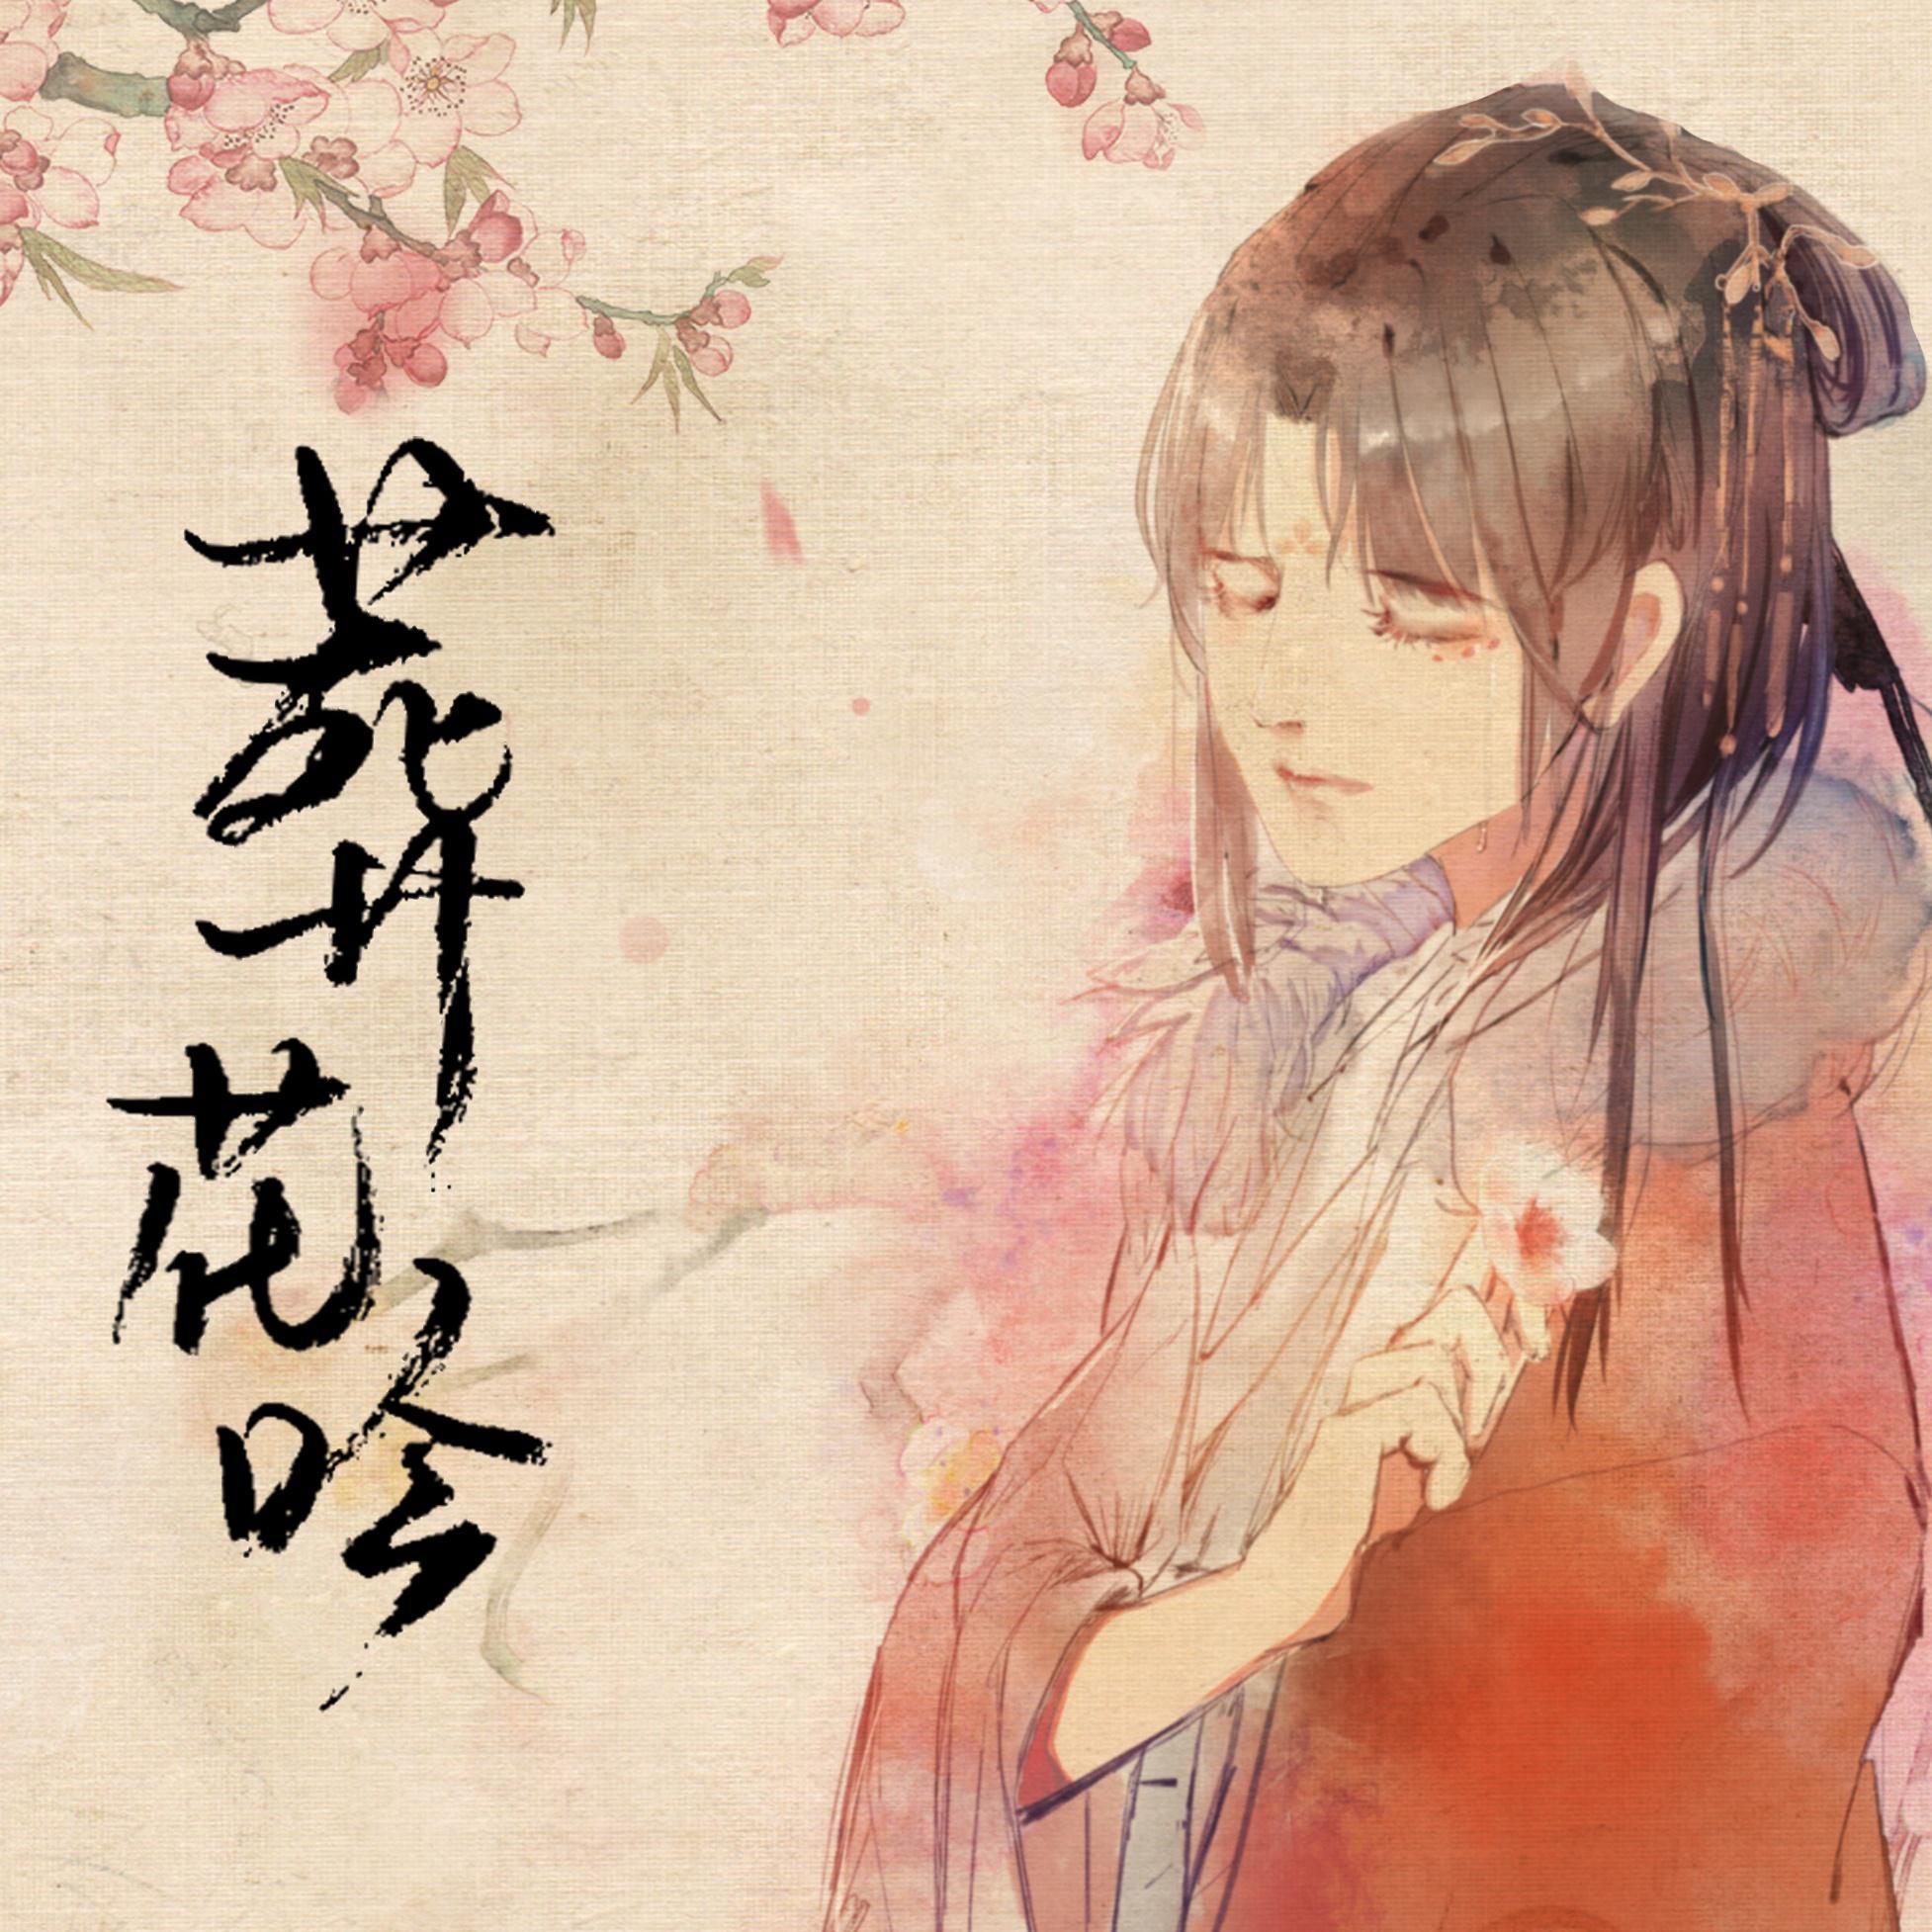 葬花吟(青春红楼梦中曲) - 双笙 - 单曲 - 网易云音乐